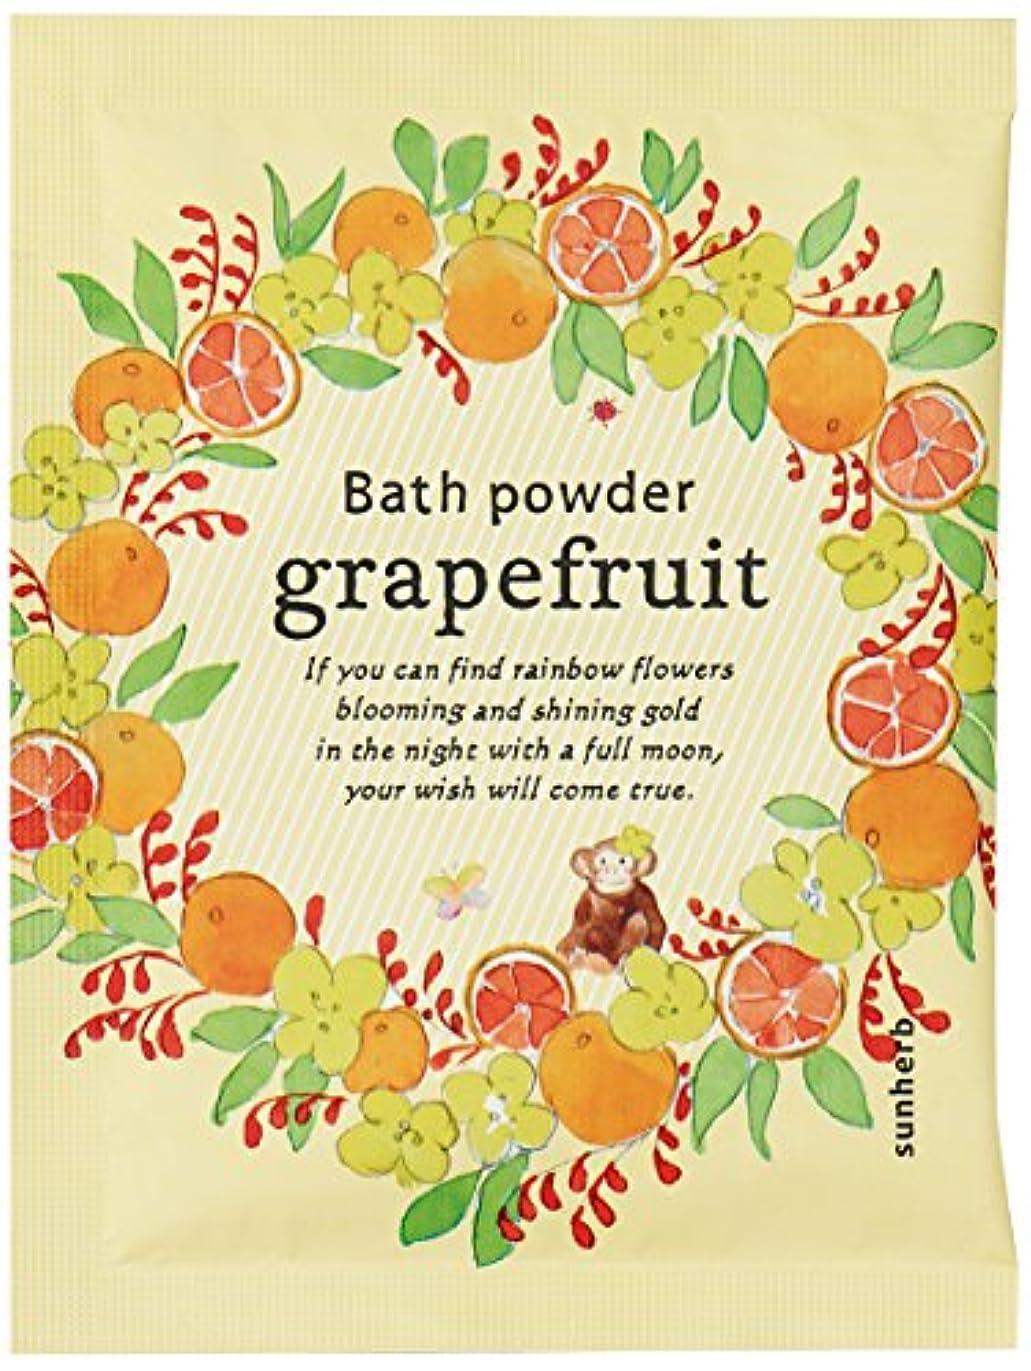 哲学的指標モールス信号サンハーブ バスパウダー25g グレープフルーツ 12個(しっとりミルキータイプの入浴料 シャキっとまぶしい柑橘系の香り)